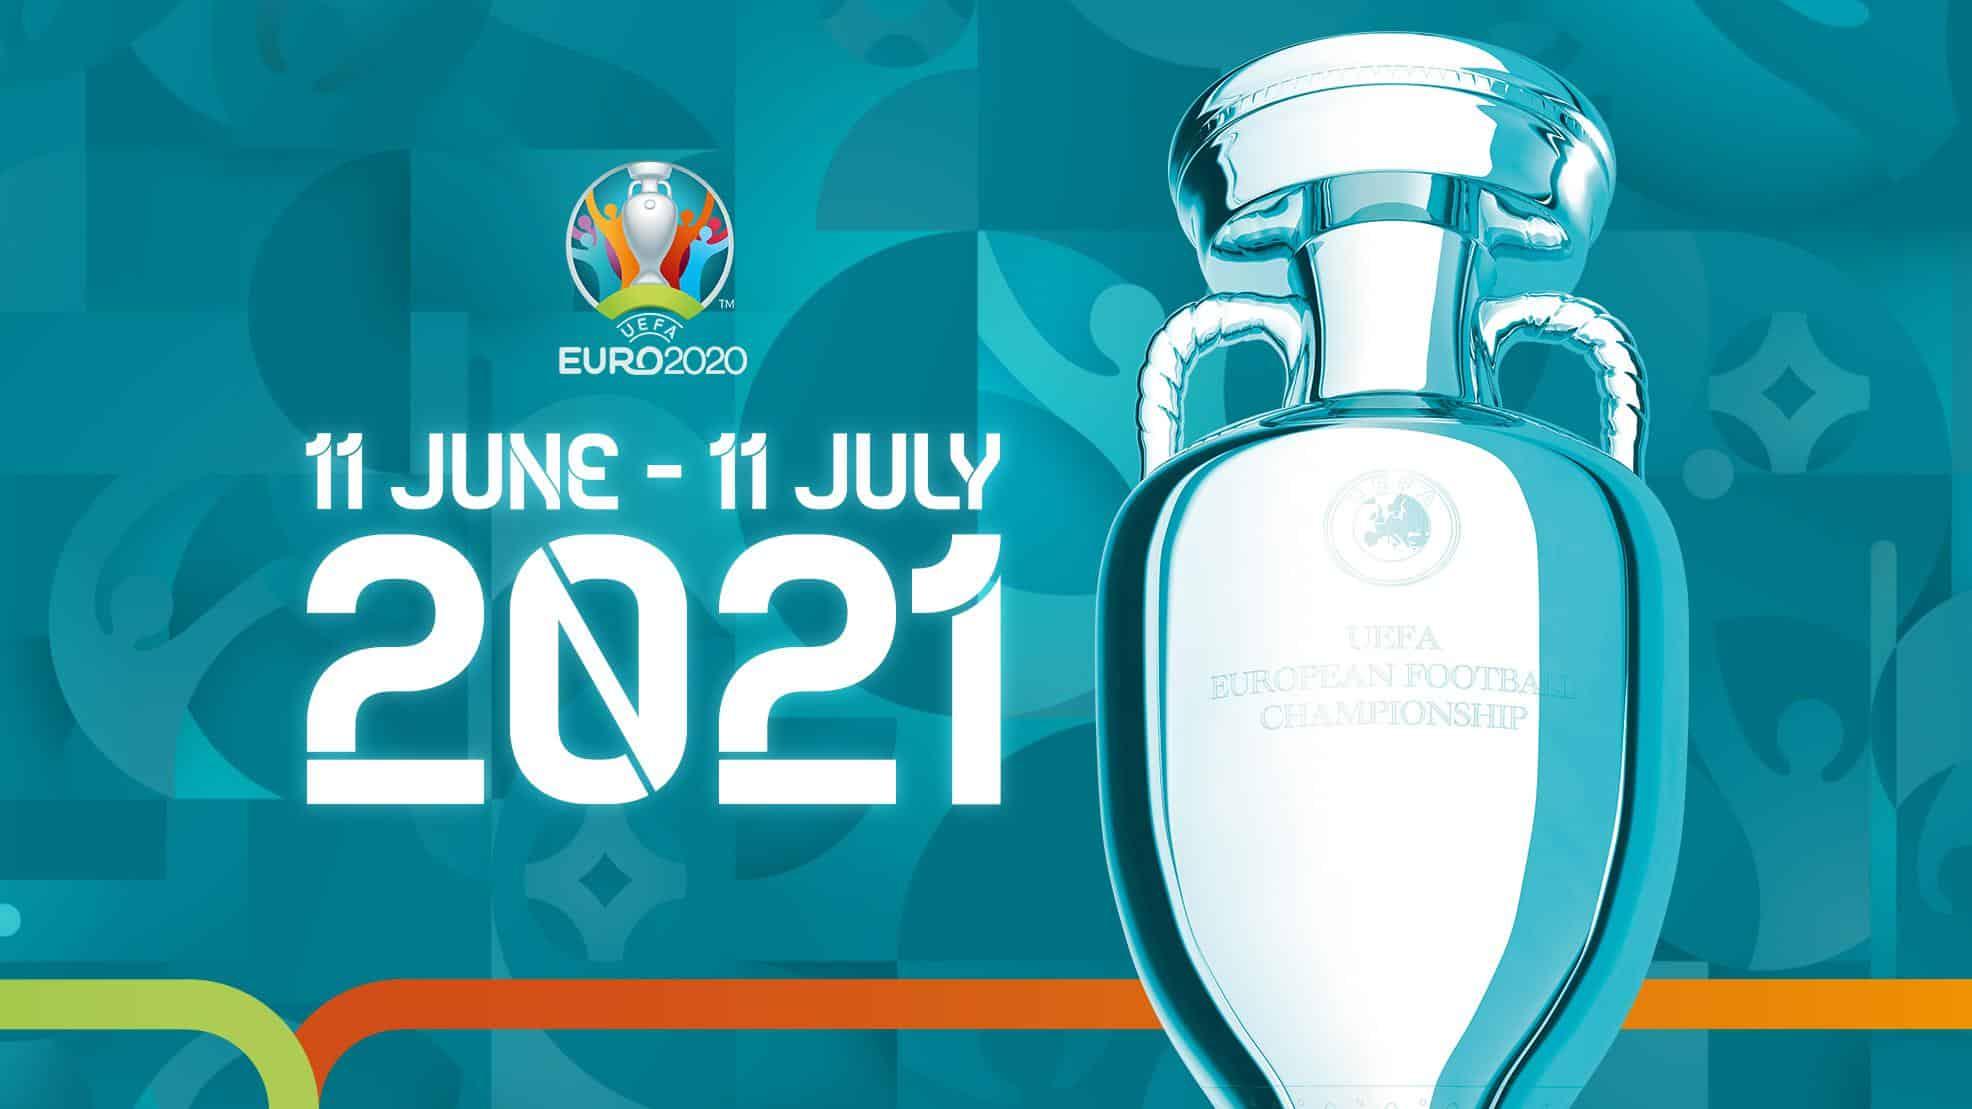 Tko su favoriti za osvajanje Europskog prvenstva u nogometu?